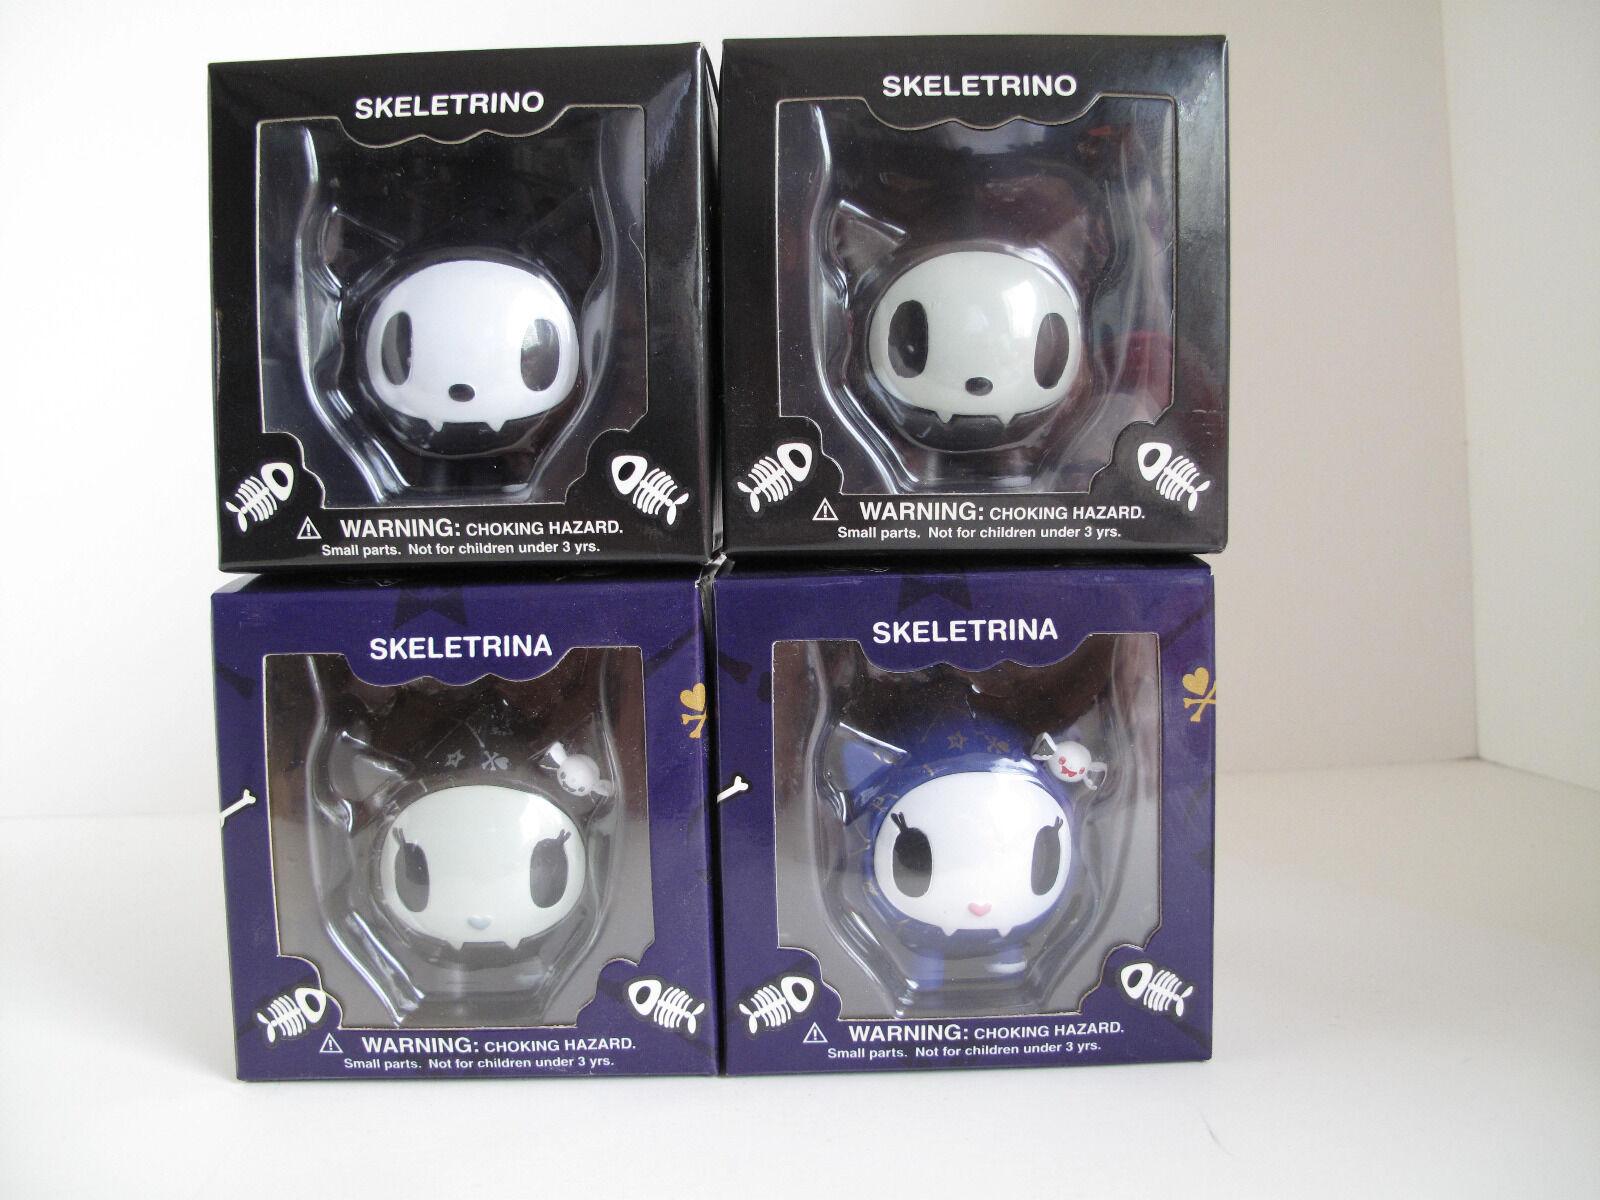 TOKIDOKI SKELETRINO SKELETRINA and SDCC Platinum by Strangeco 4 Set